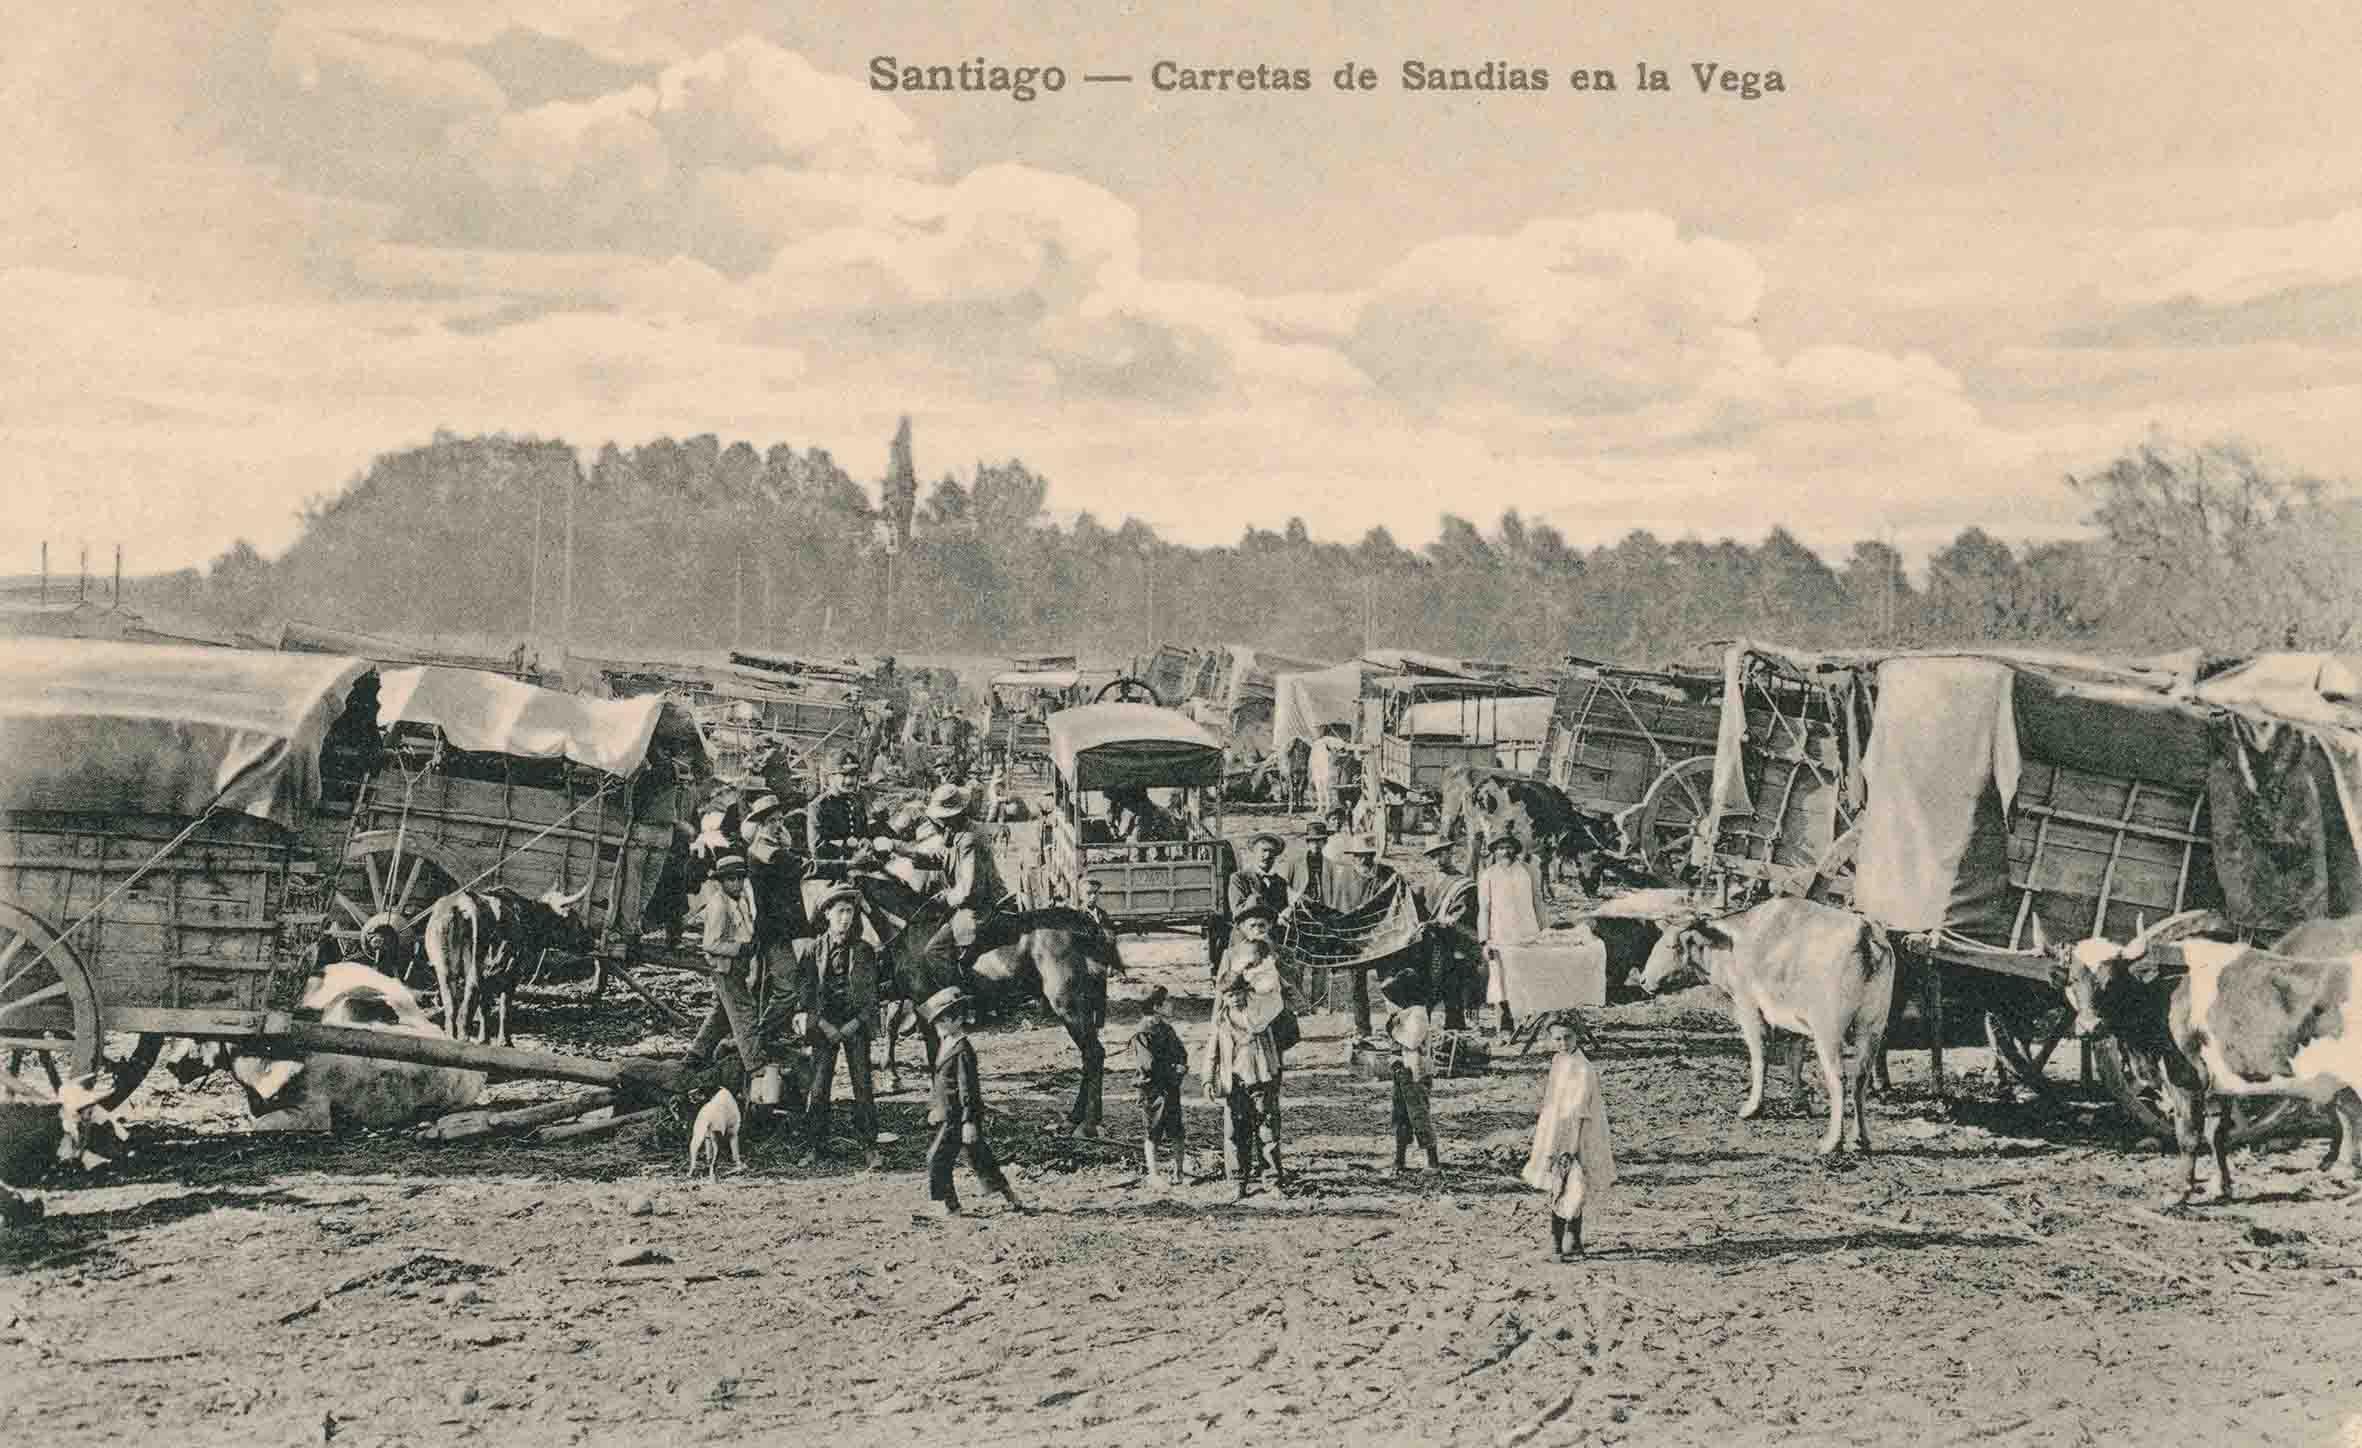 Enterreno - Fotos históricas de chile - fotos antiguas de Chile - La Vega Central ca. 1880